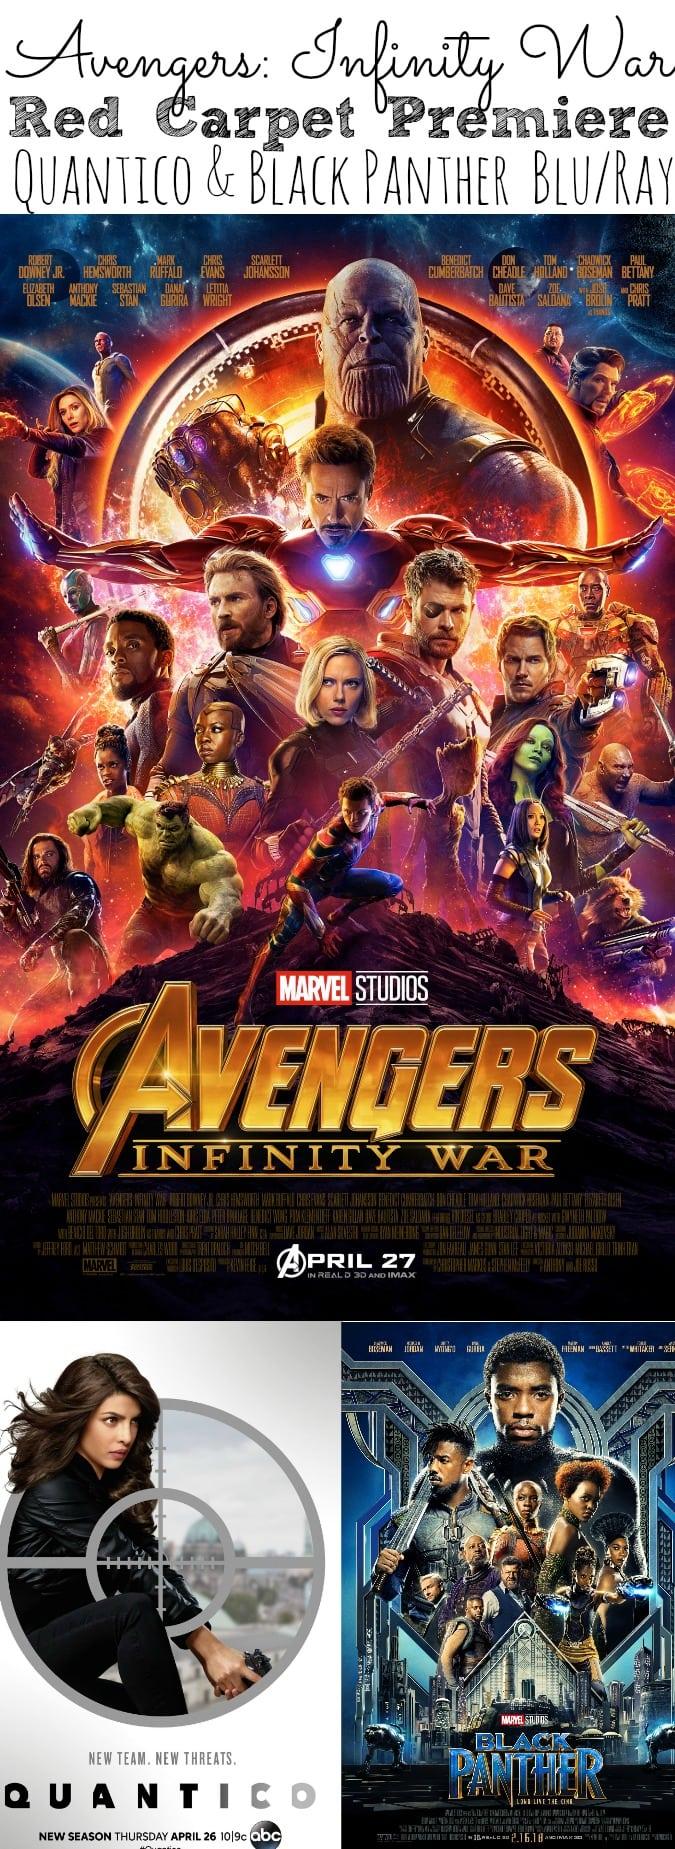 Avengers Infinity War Event